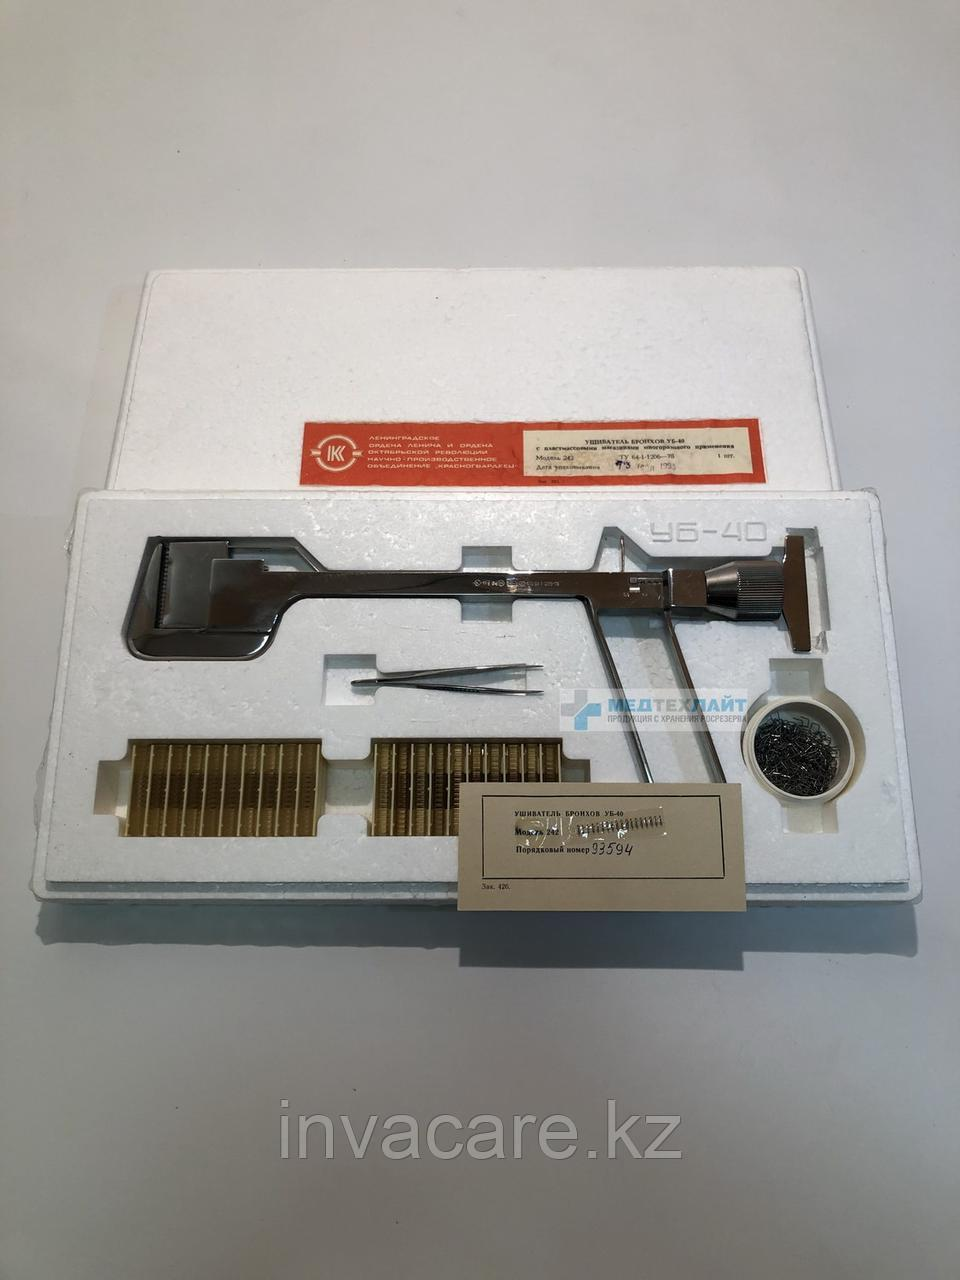 Ушиватель бронхов УБ-40 мод. 242